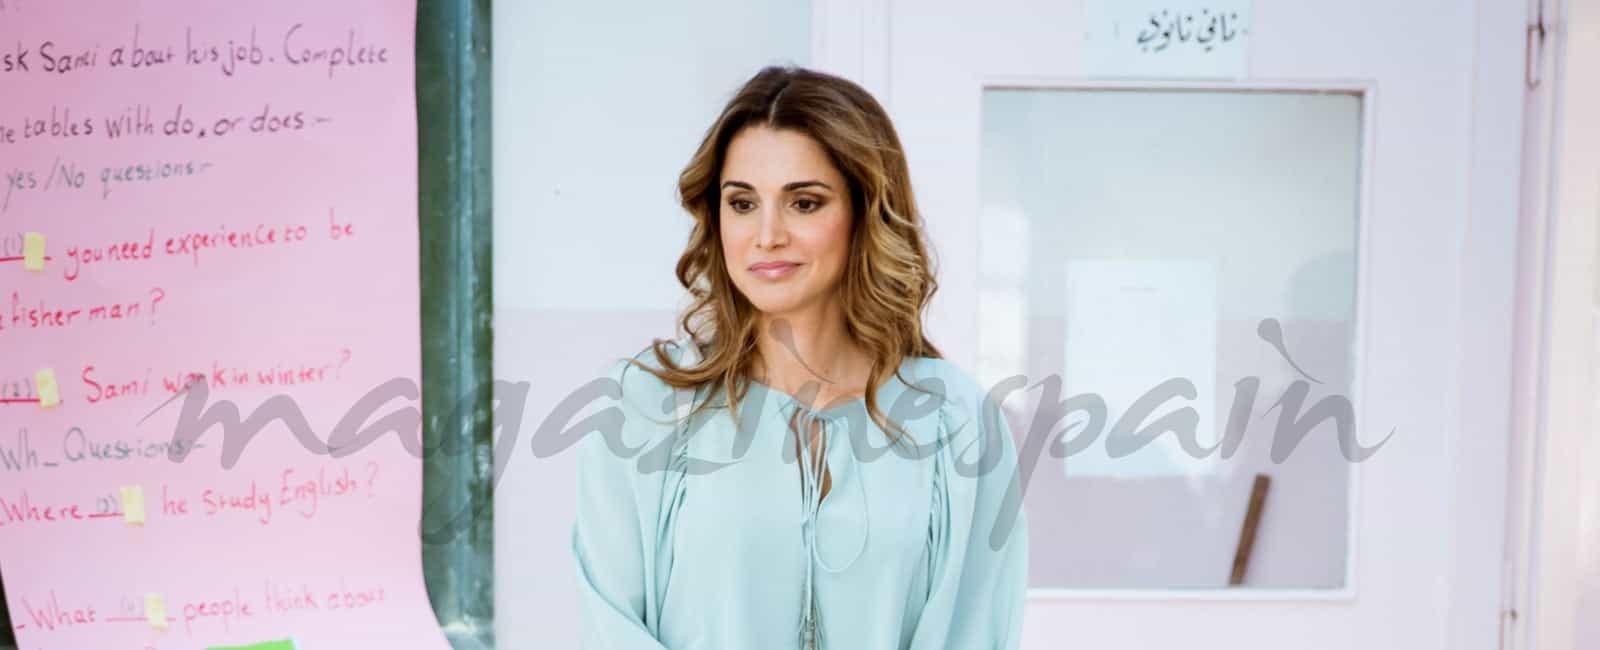 La reina Rania de Jordania, solidaria con su pueblo